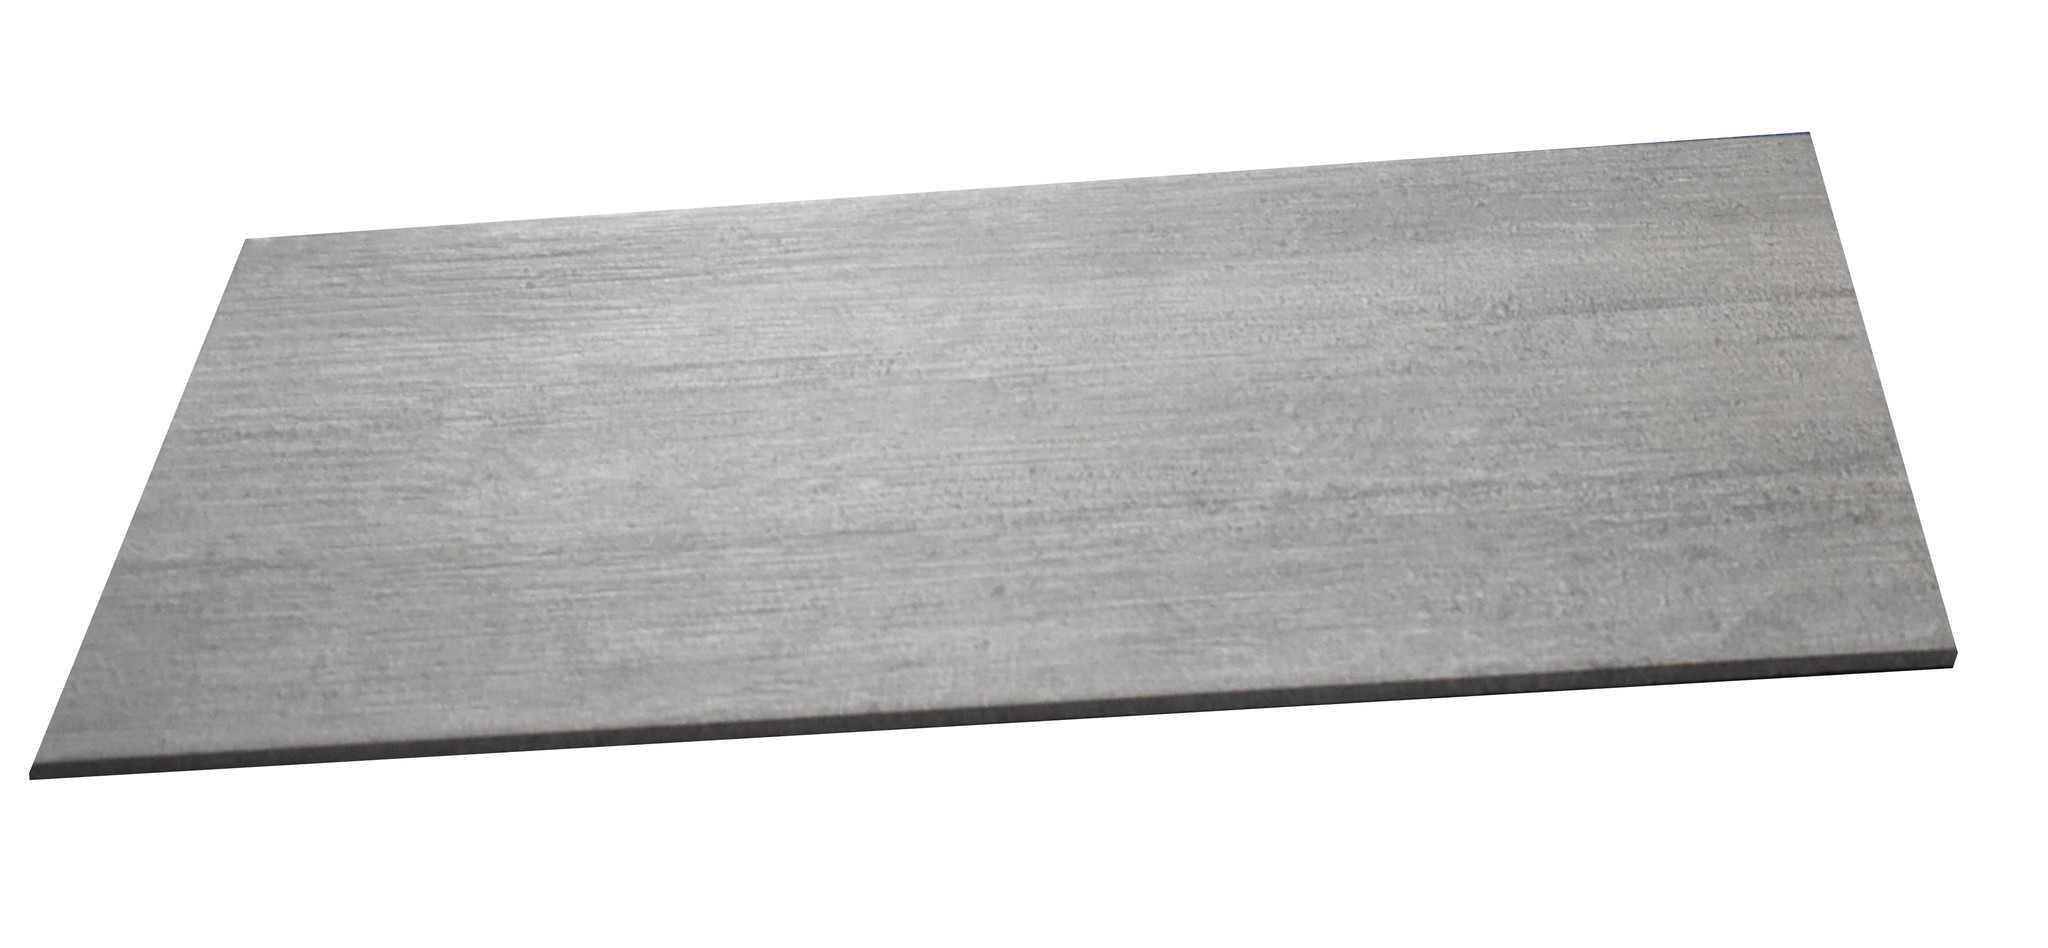 Jroko grau Floor Tiles